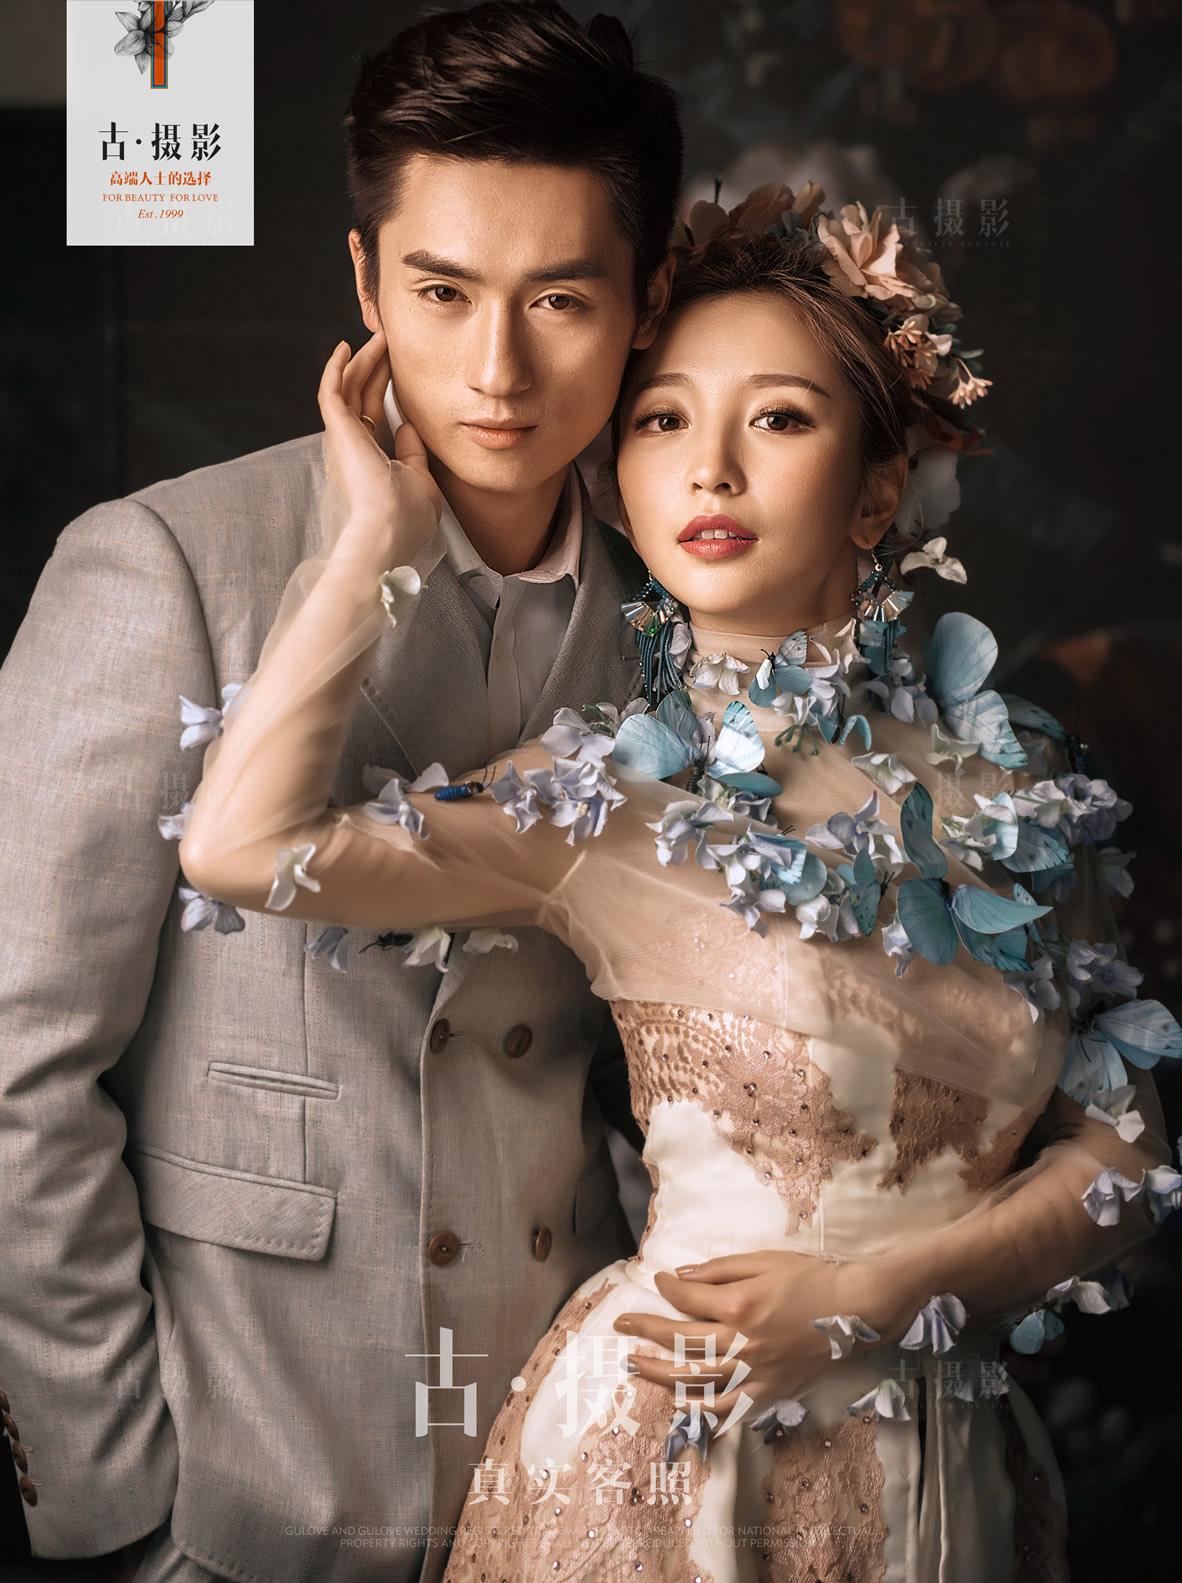 4月19日客片潘先生 龚小姐 - 每日客照 - 古摄影婚纱艺术-古摄影成都婚纱摄影艺术摄影网